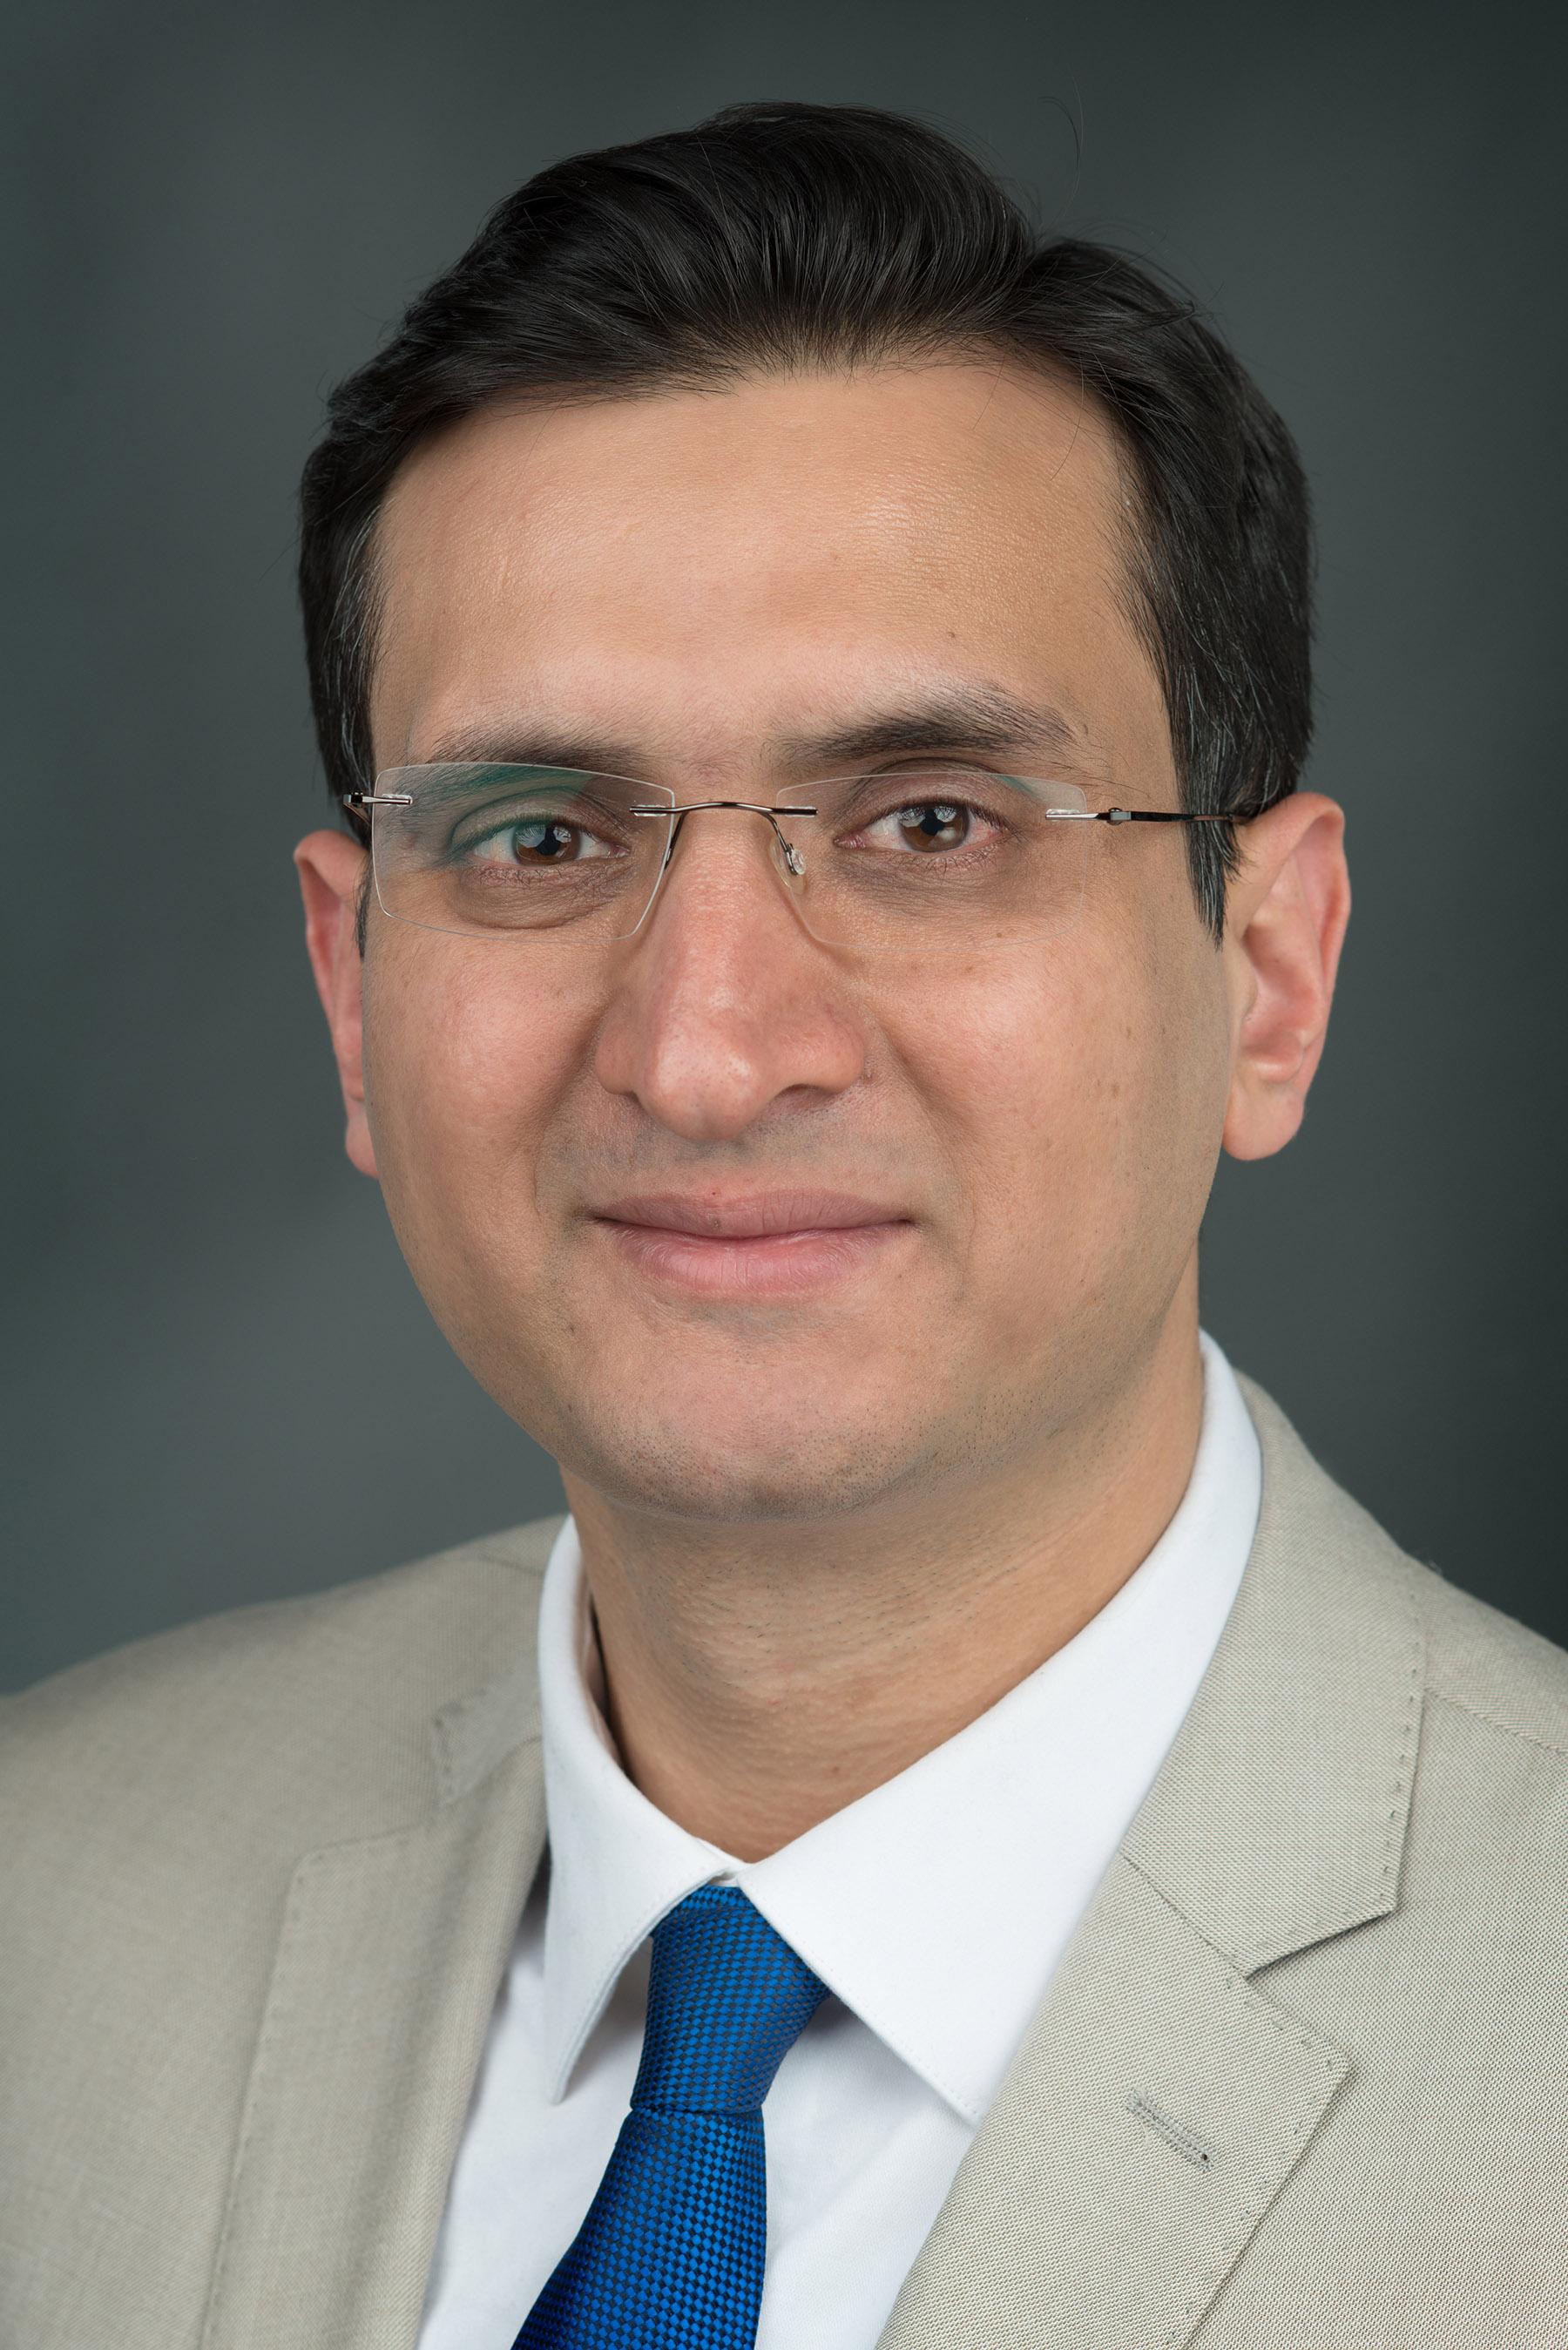 Portrait of M. Laeeq Khan